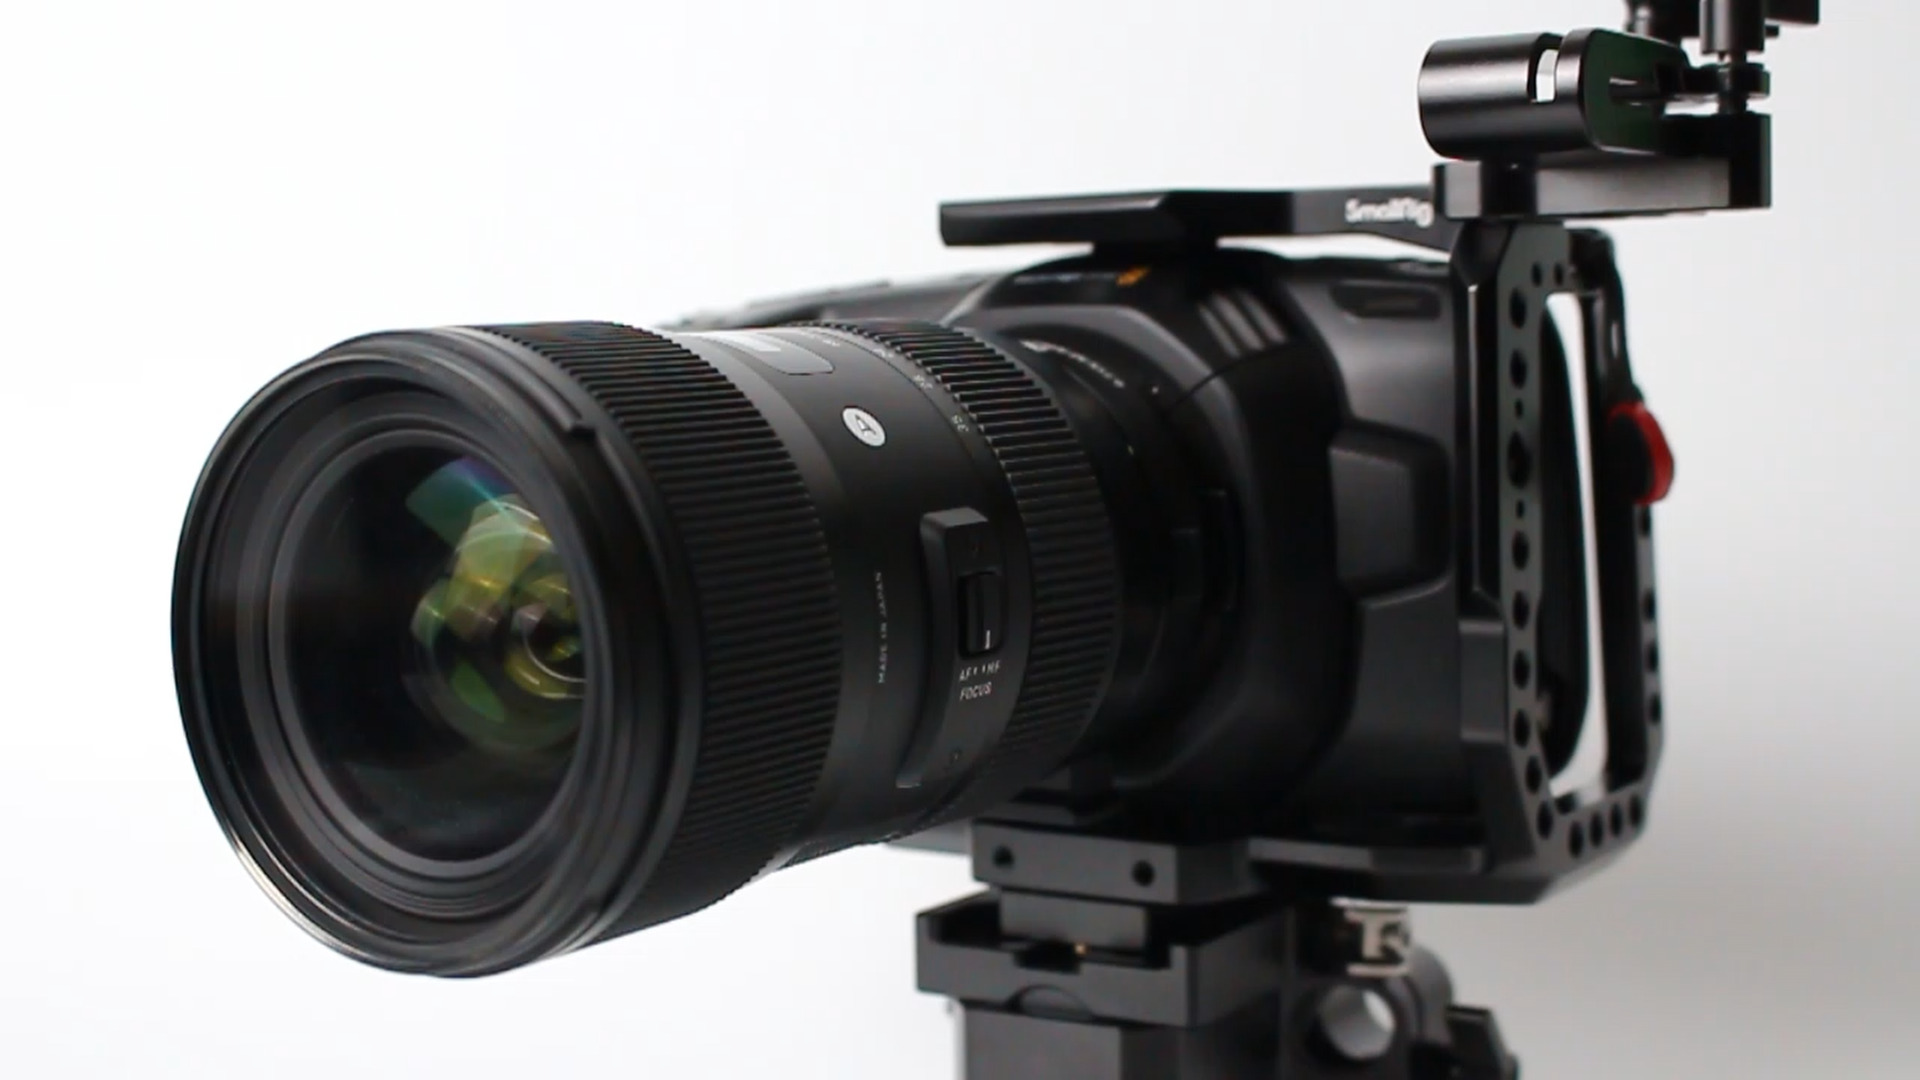 「【レビュー】SIGMA 18-35mm F1.8 ARTレンズを1年使ってきた感想」のアイキャッチ画像